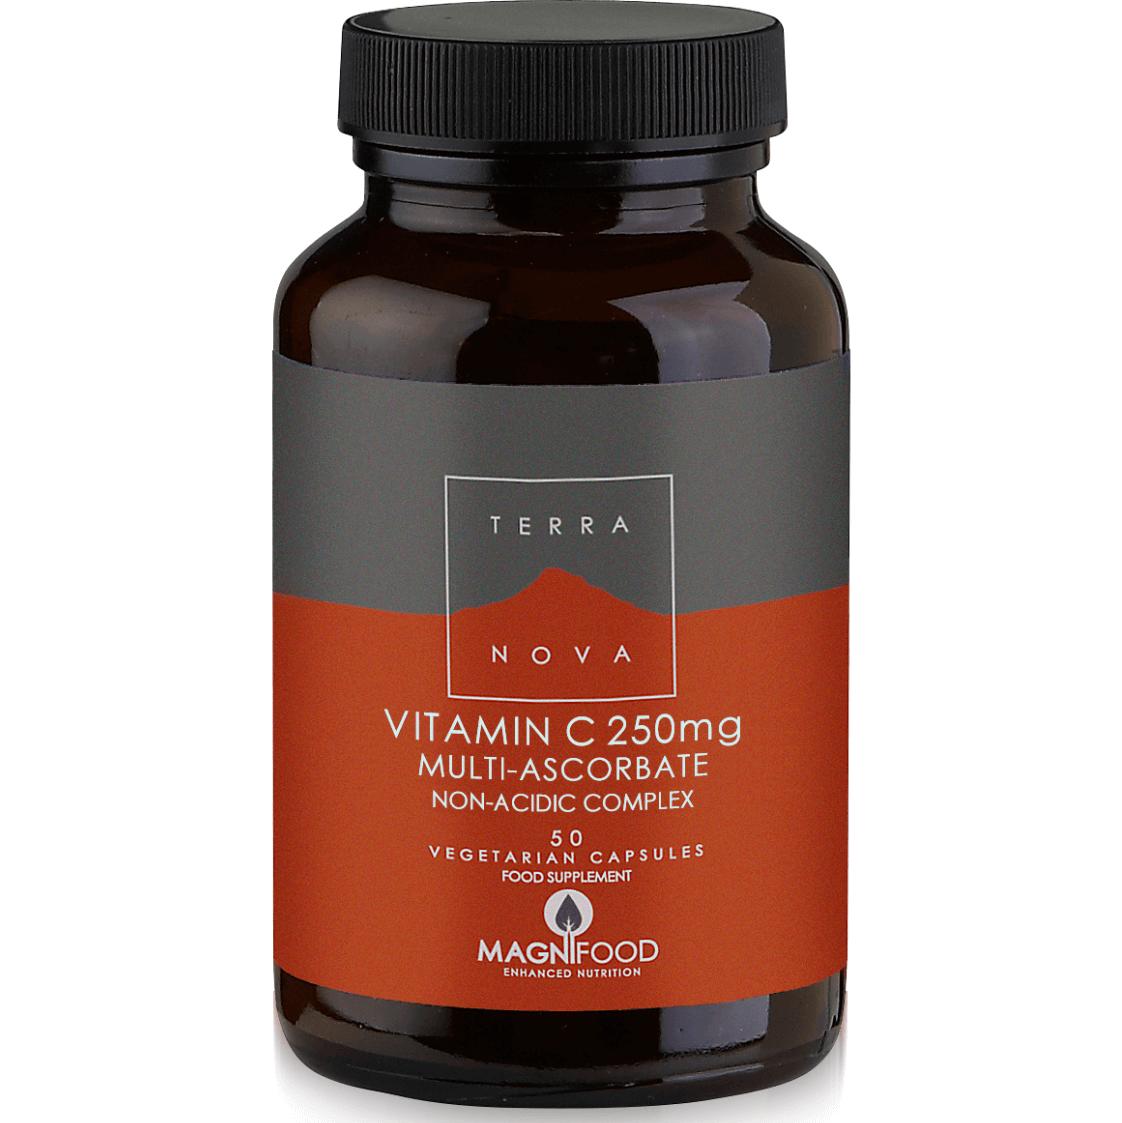 Terranova Vitamin C 250mg Complex Βιταμίνη C με Δυναμικό Συνδυασμό Υπερτροφών, Μέγιστη Απορροφησιμότητα & Αποτελεσματικότητα 50c